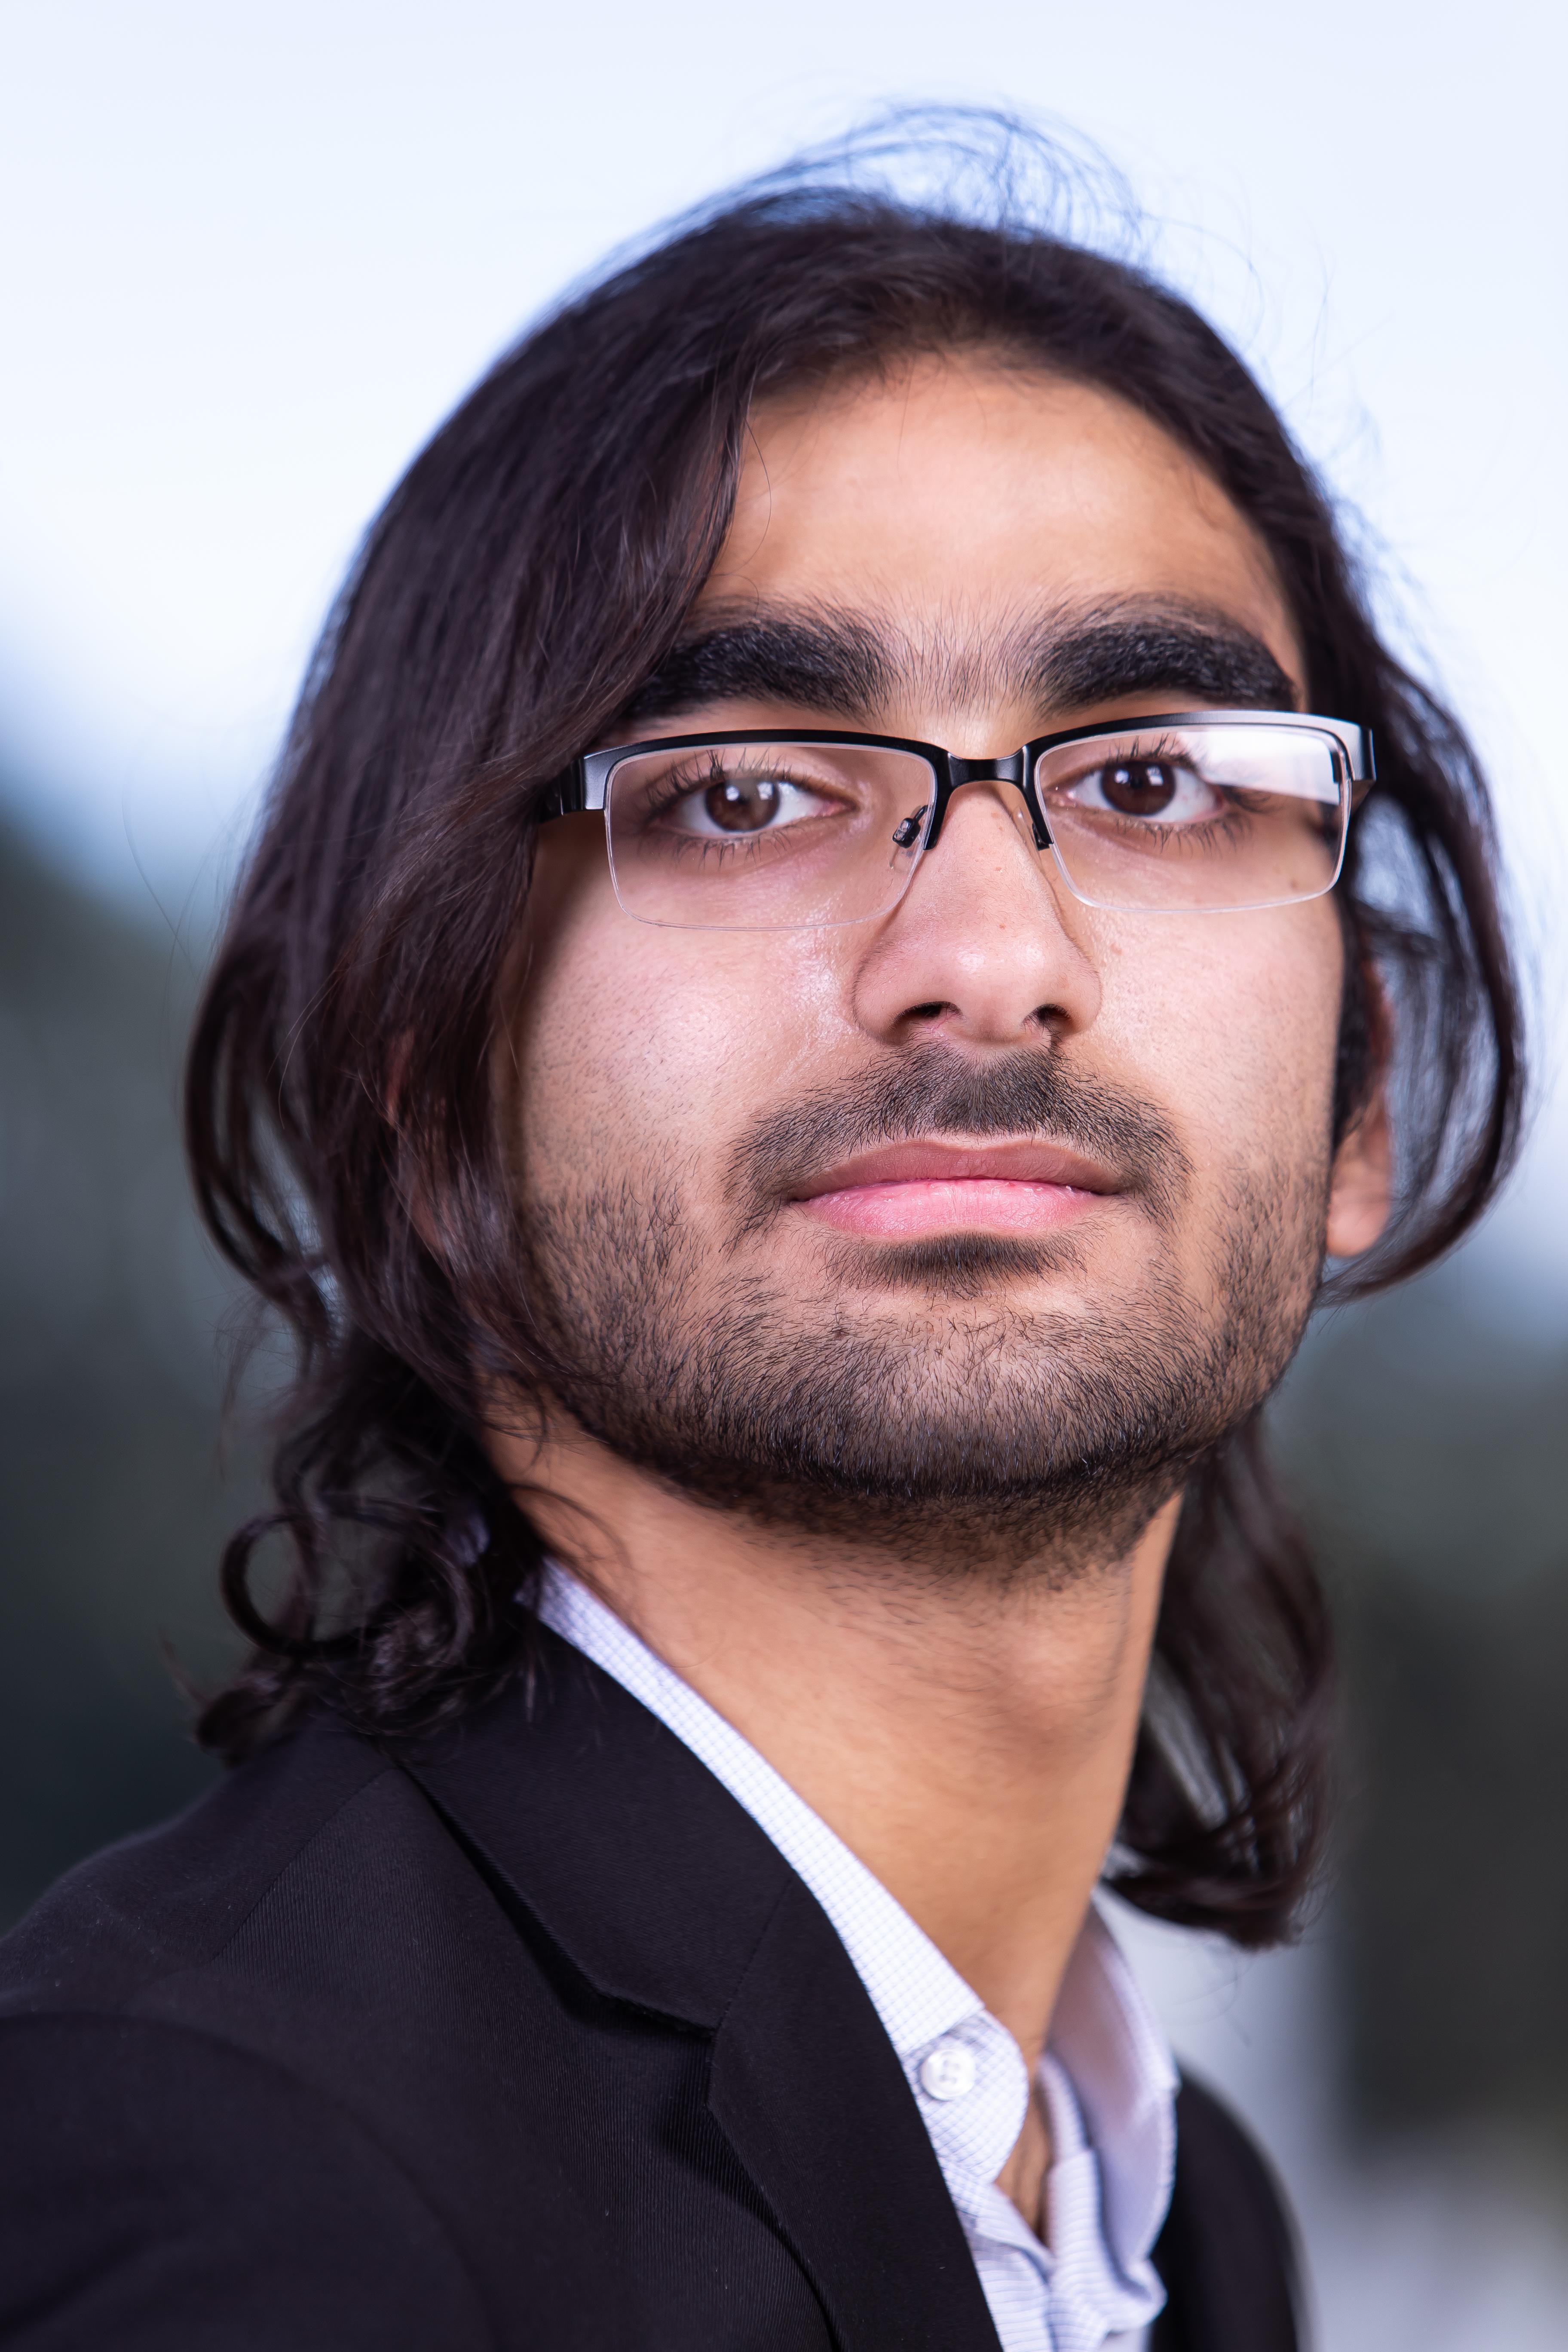 Mohammed Samir A Zafar